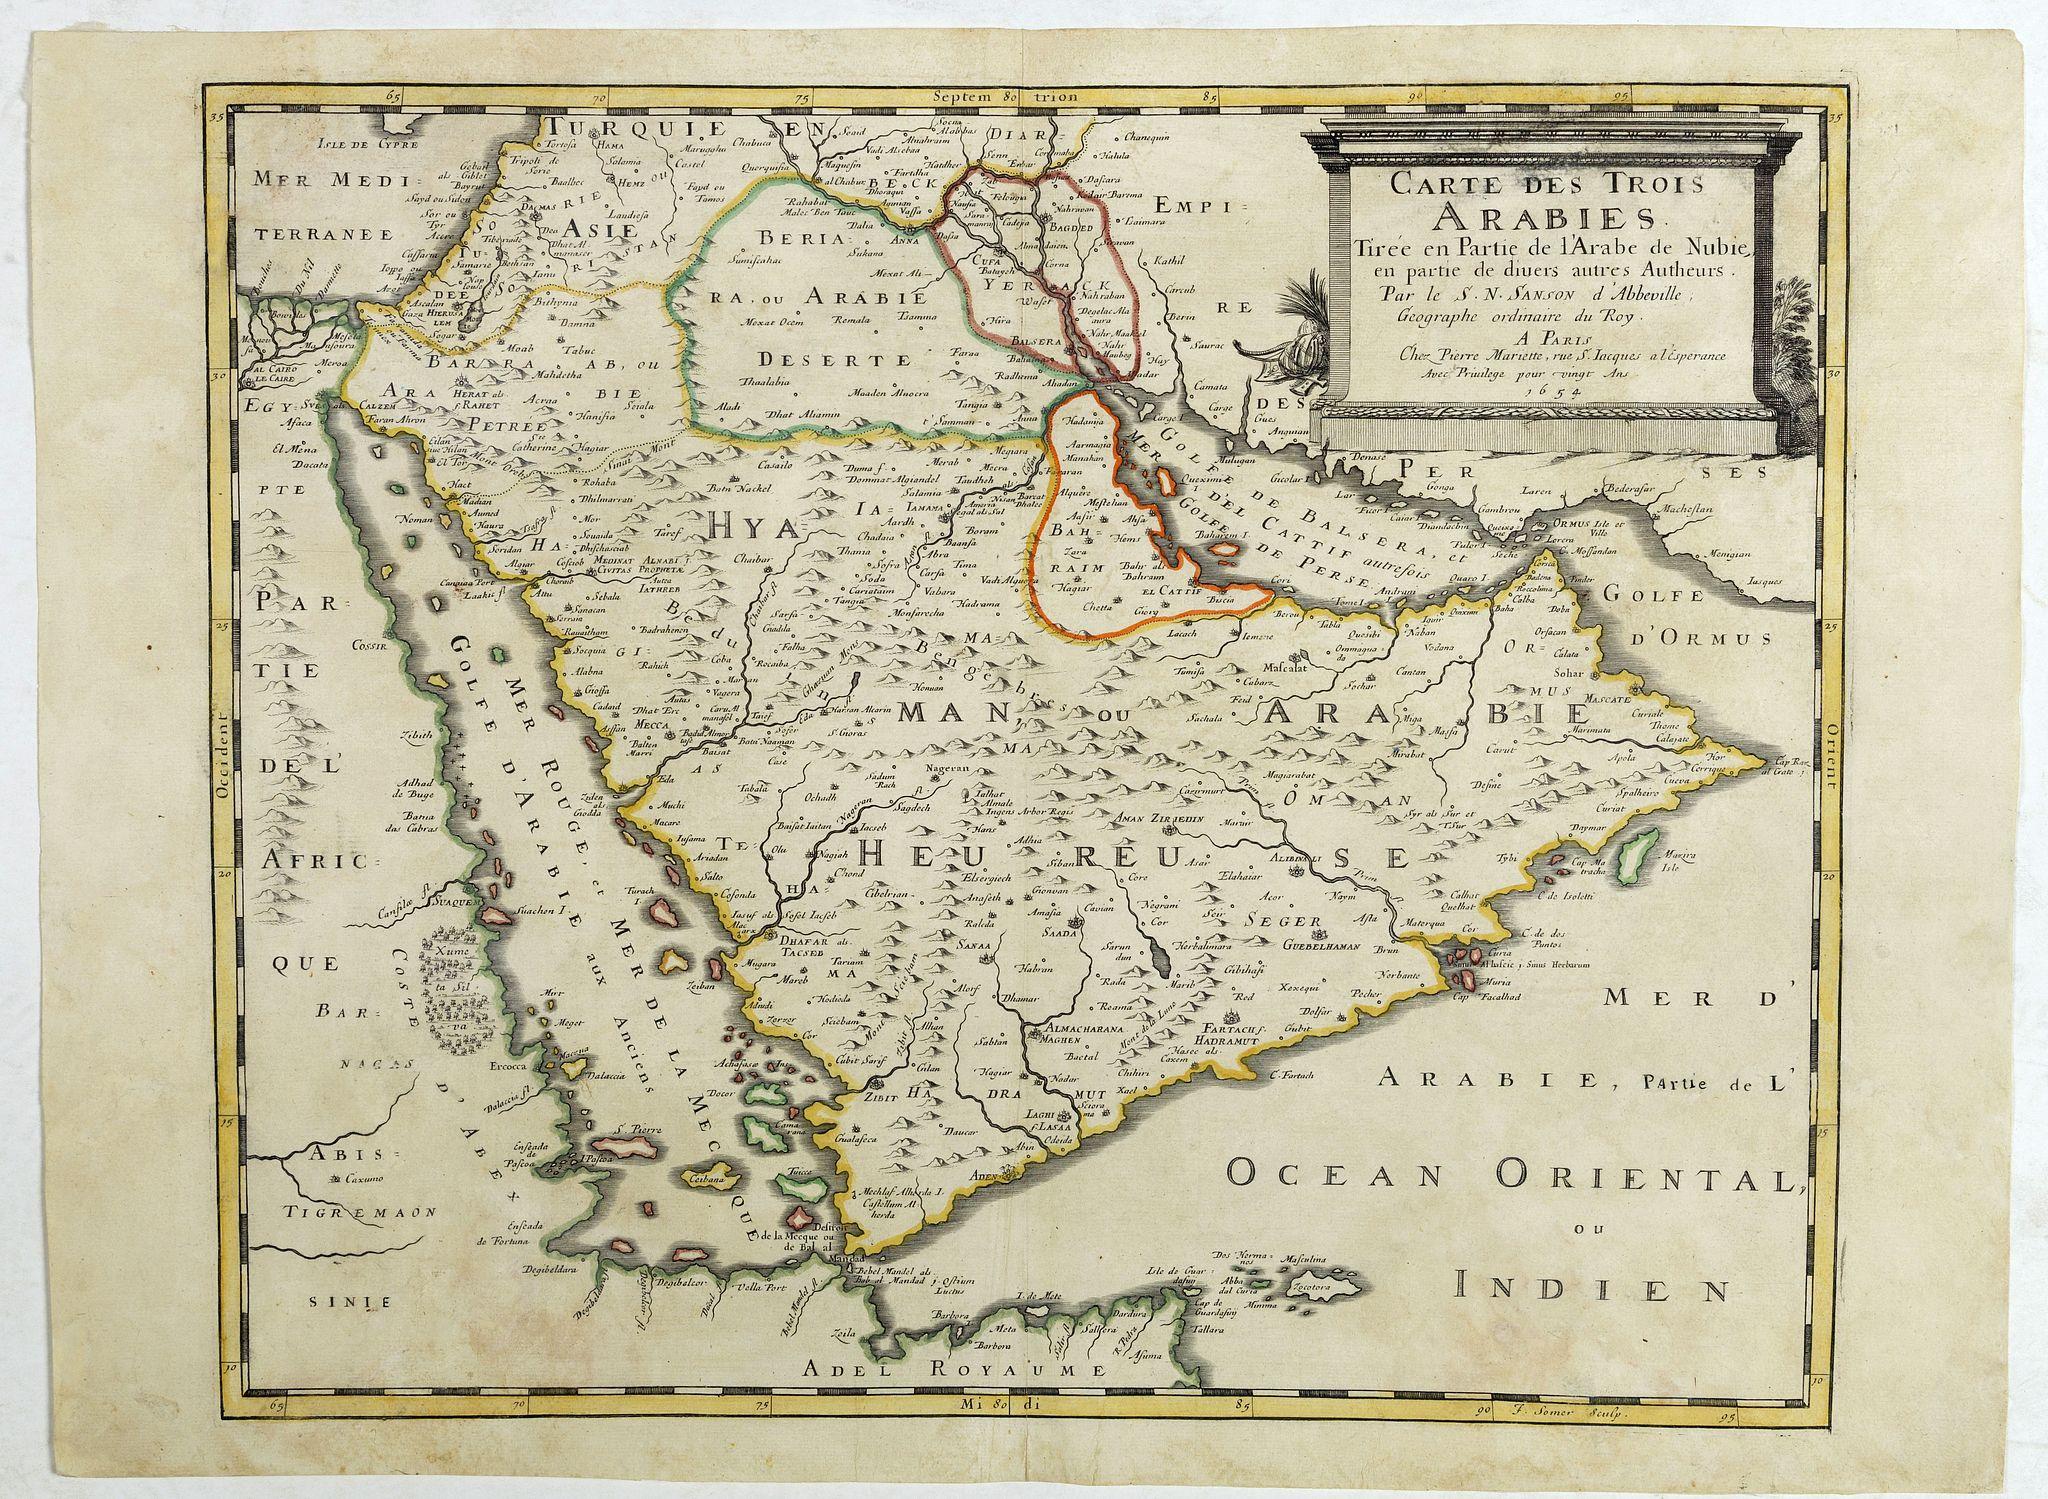 SANSON, N. / MARIETTE, P. -  Carte des Trois Arabies. Tiree en Partie de l'Arabe de Nubie, en Partie de Divers autres Autheurs. . .